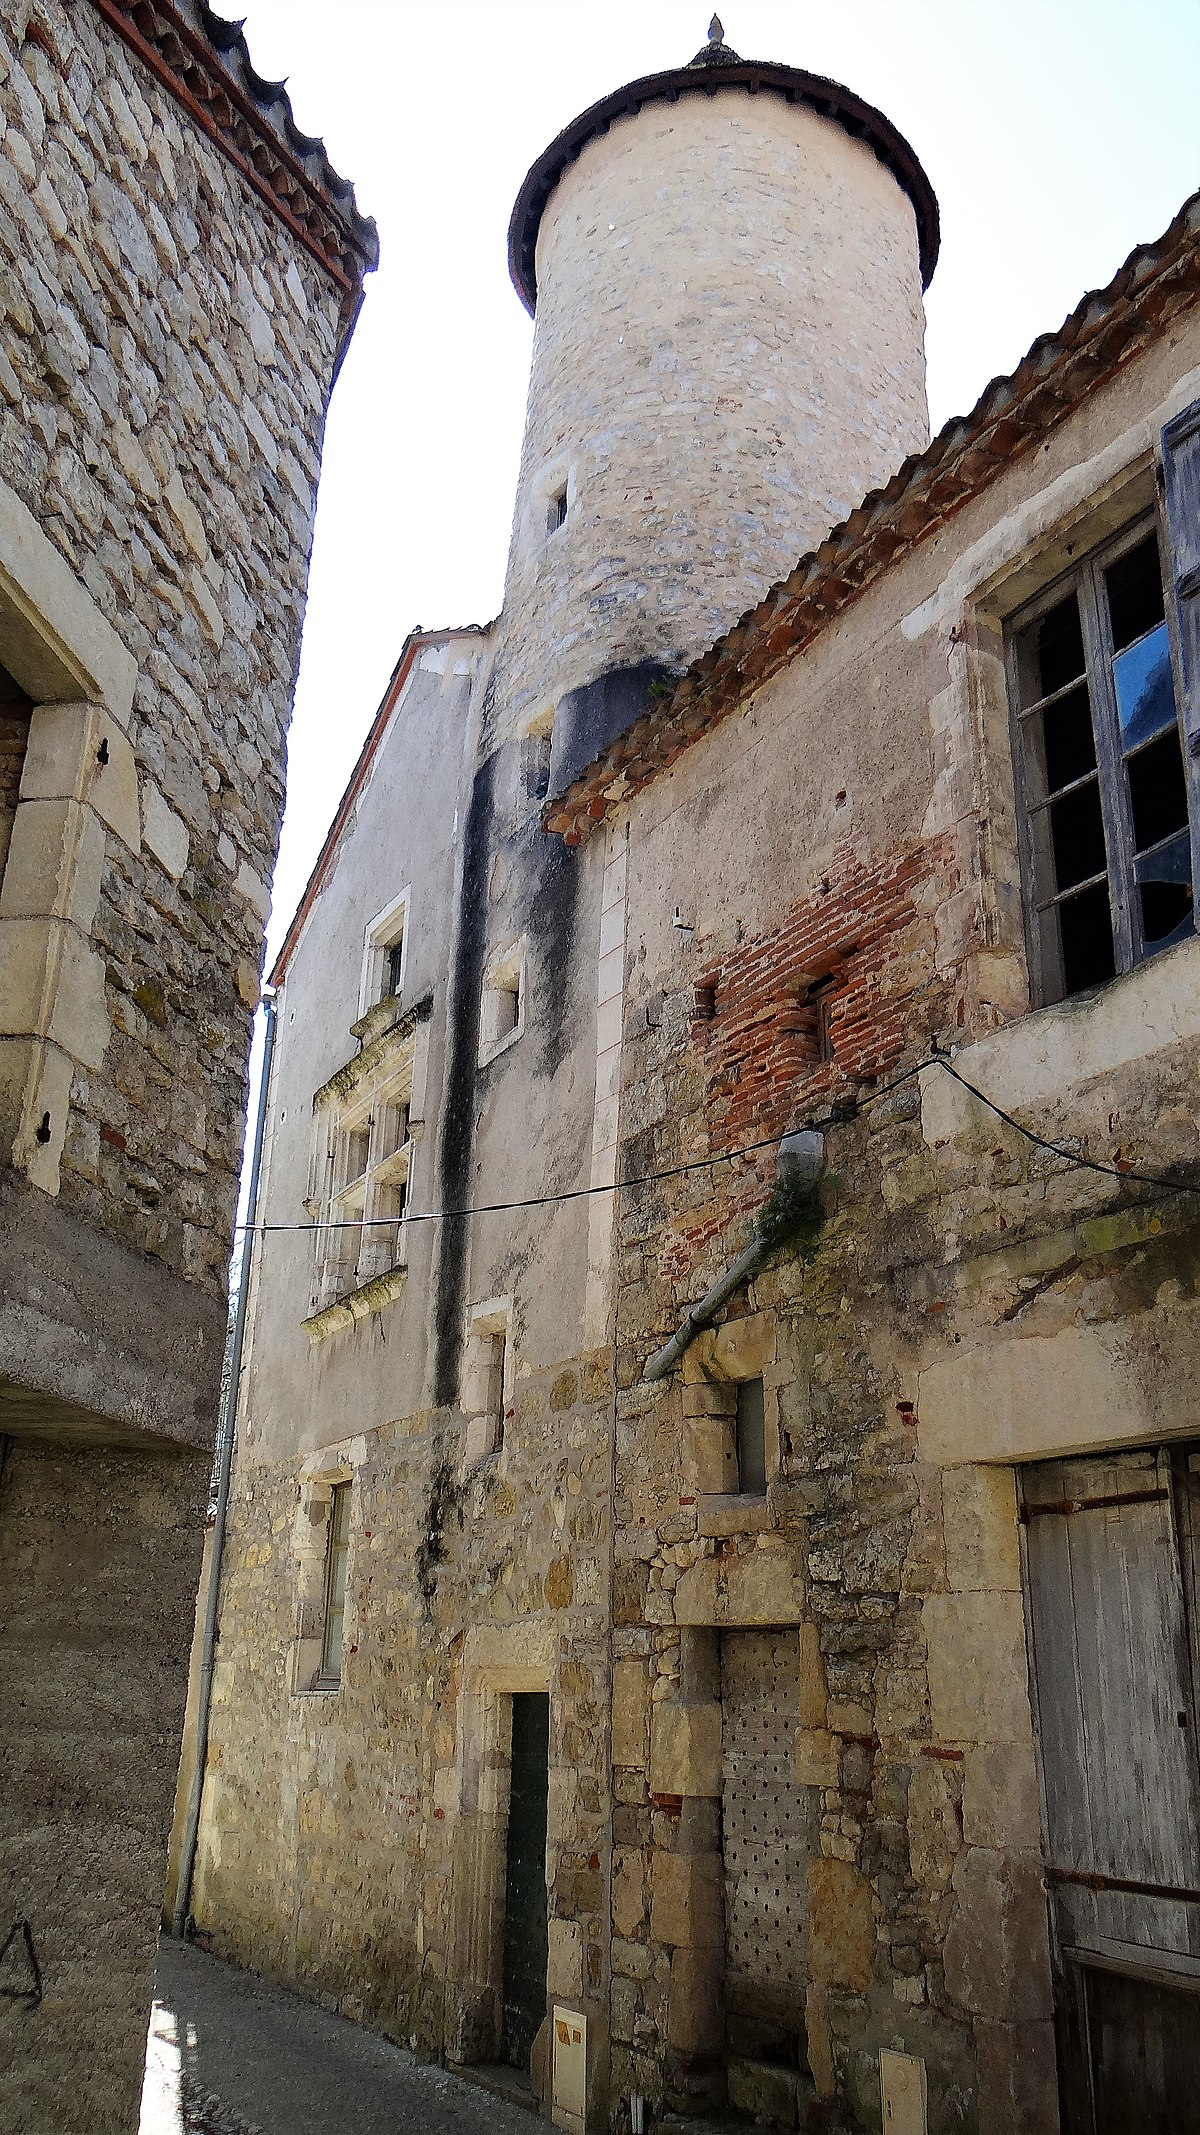 Escalier Dans La Maison file:albas - maison des mirepoises - façade sur la rue avec